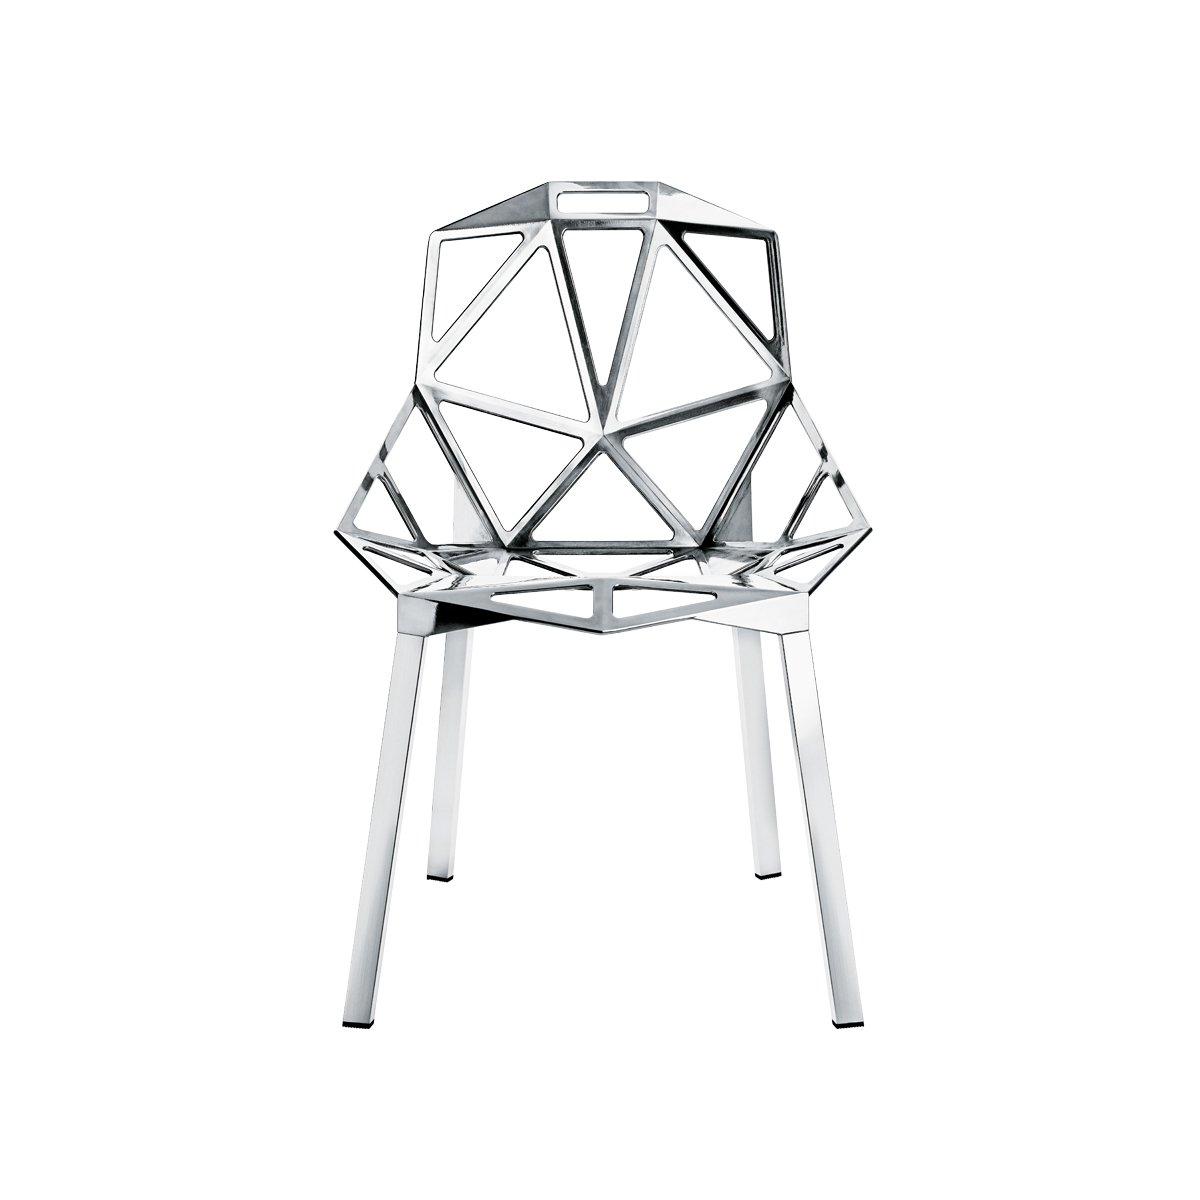 Magis Chair One Stuhl Stapelbar, aluminium poliert Beine aus Profilaluminium poliert nur für den Innenbereich geeignet!